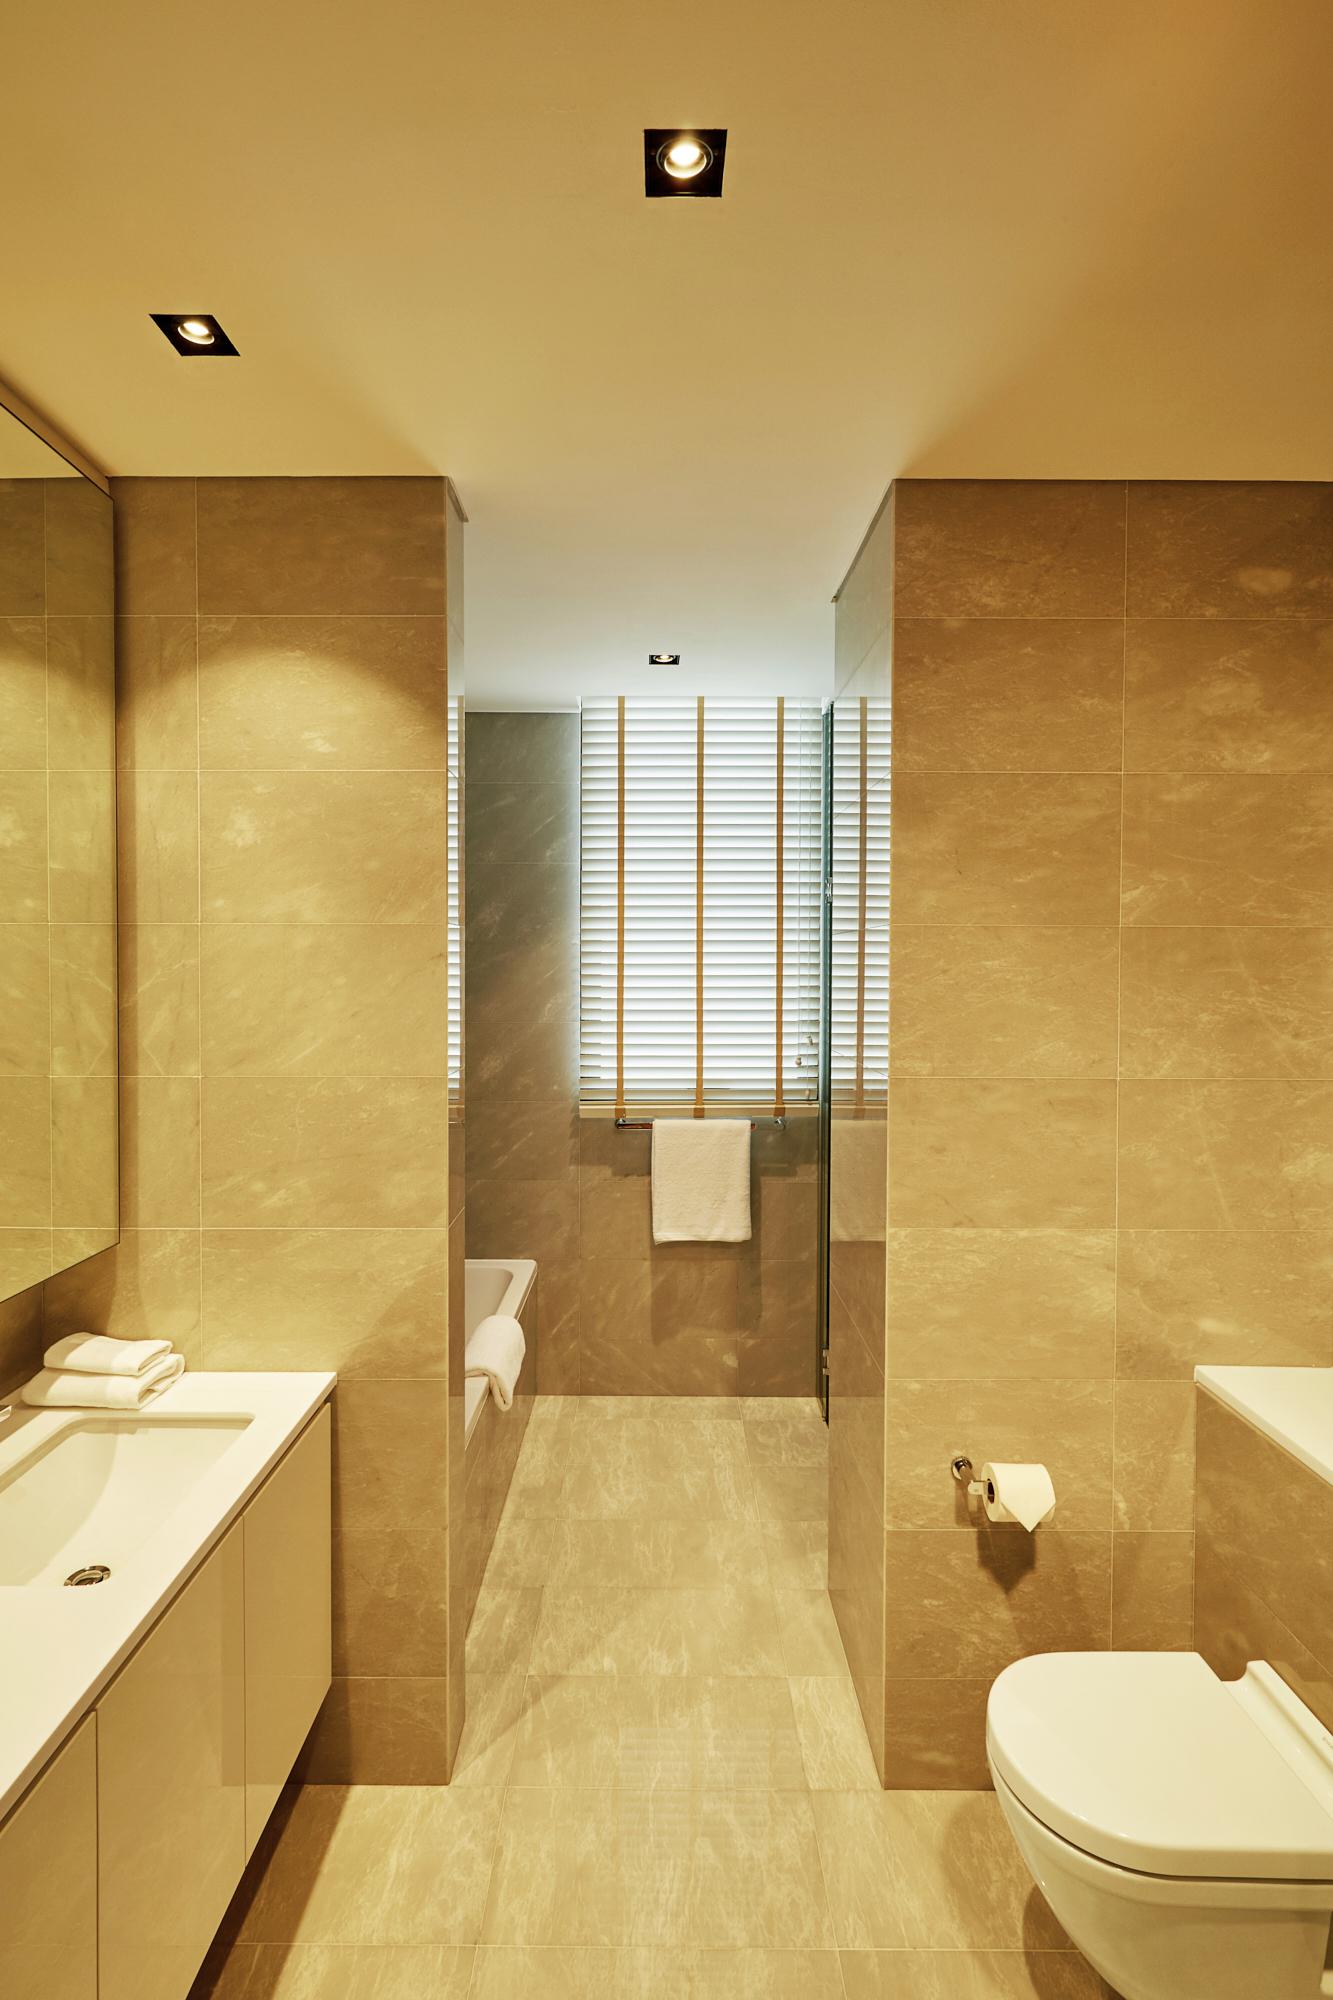 Charlton_Toilet 2_045.jpg